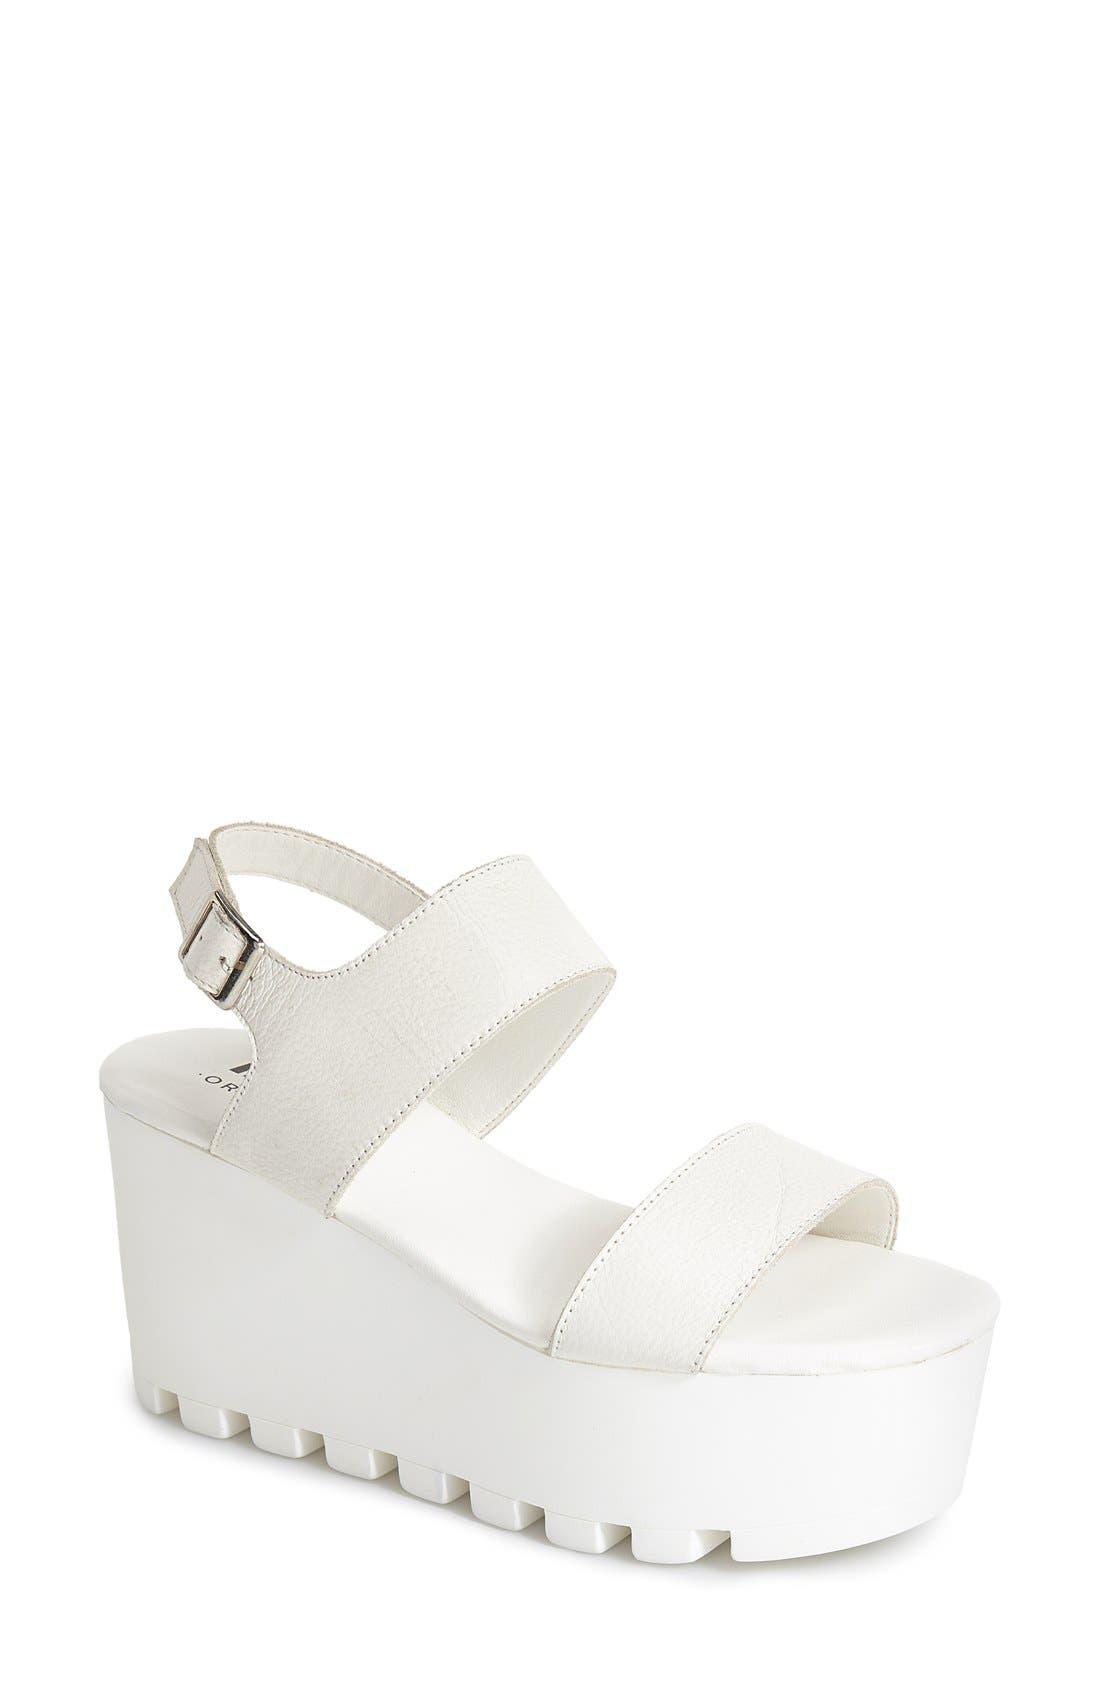 Alternate Image 1 Selected - MTNG Originals 'Amber' Platform Sandal (Women)